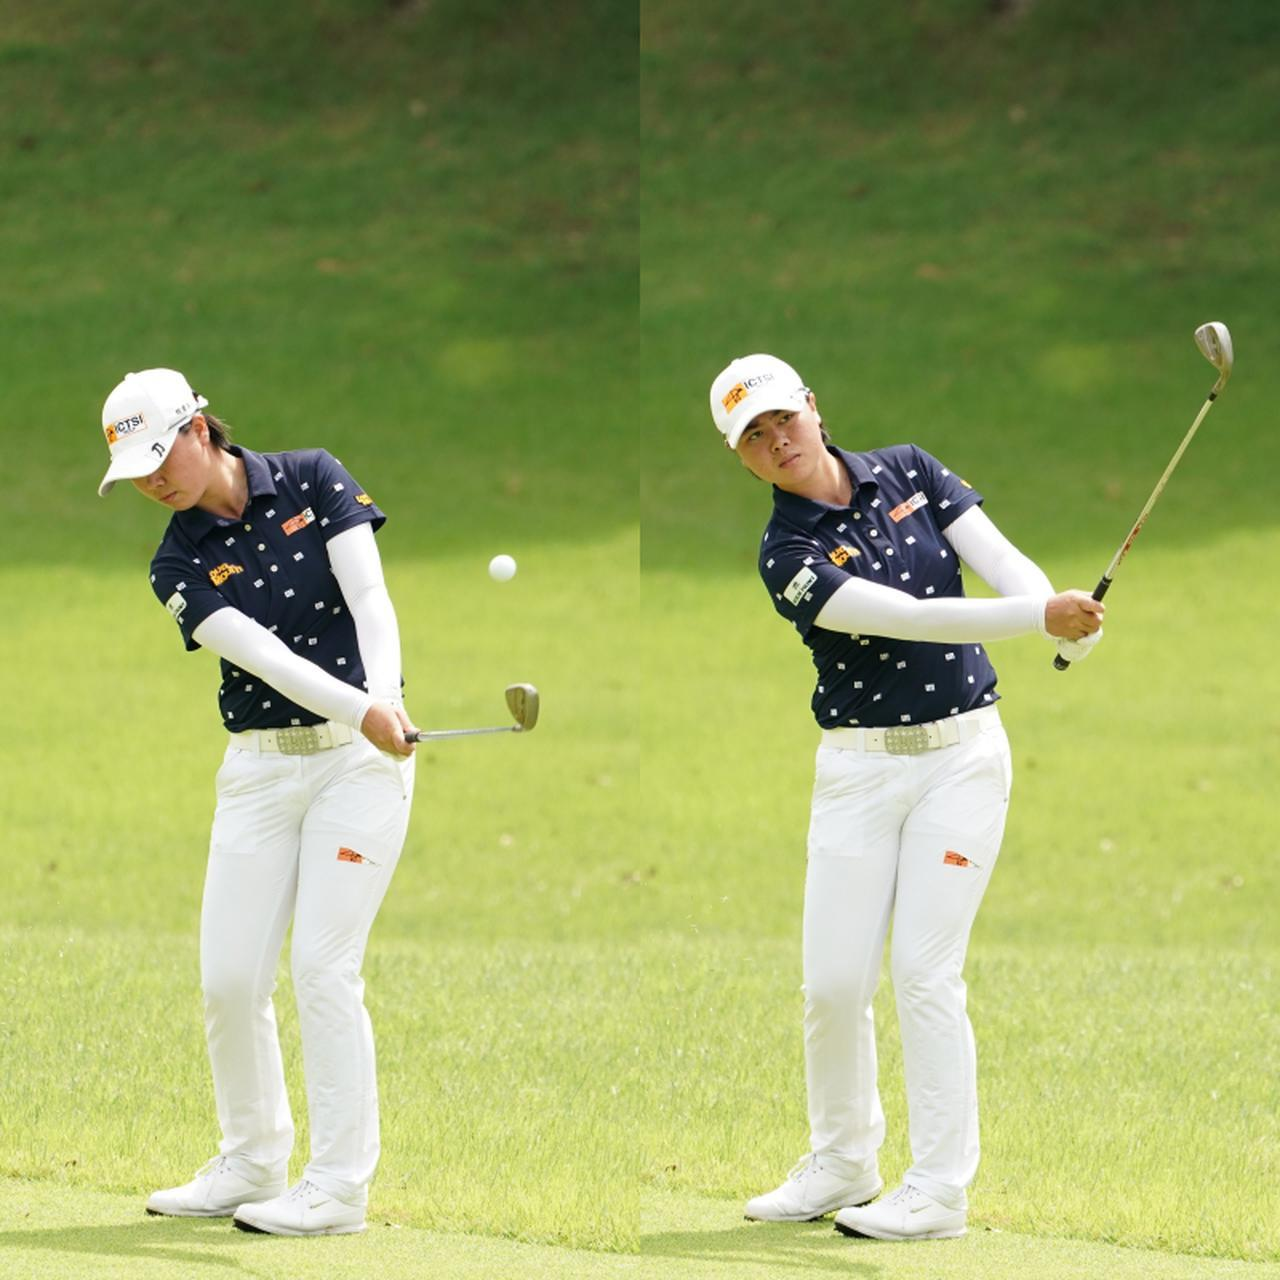 画像: 手首をこねずにボールをフェースに乗せるように球を運ぶアプローチだ(写真はISPS HANDA 医療従事者応援 チャリティレディーストーナメント 写真/大澤進二)